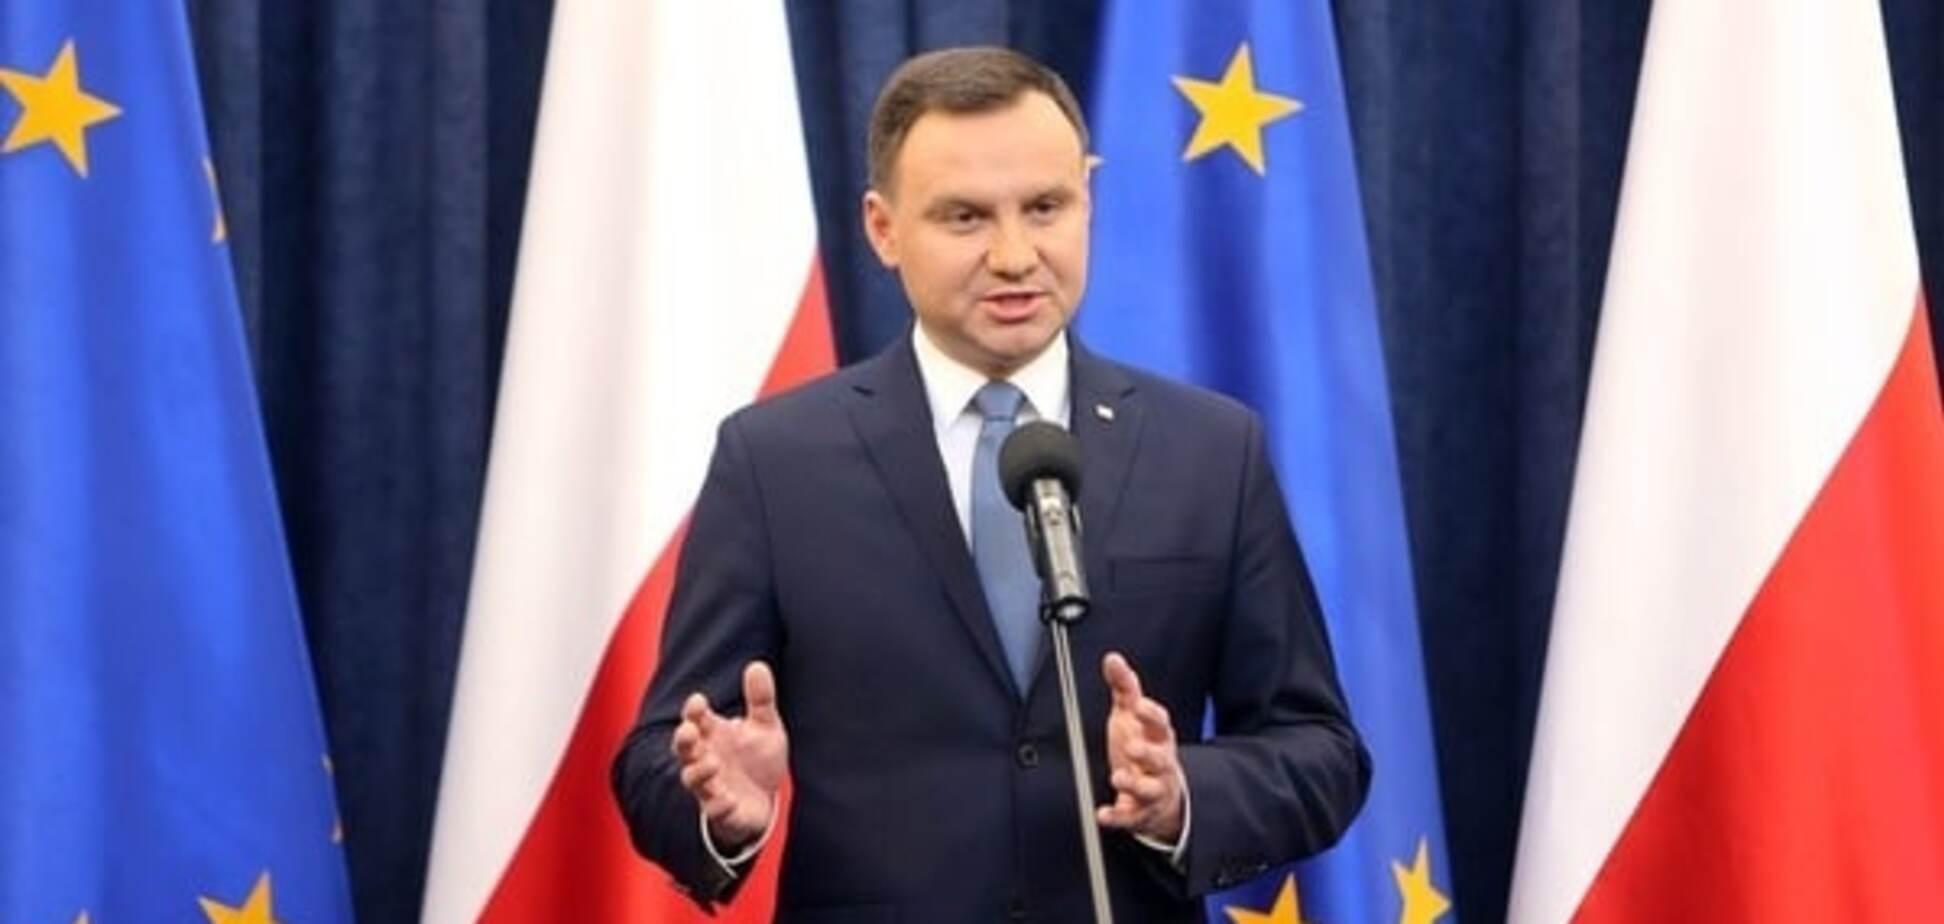 Польша ответила на окрик из Брюсселя по скандальному закону о СМИ